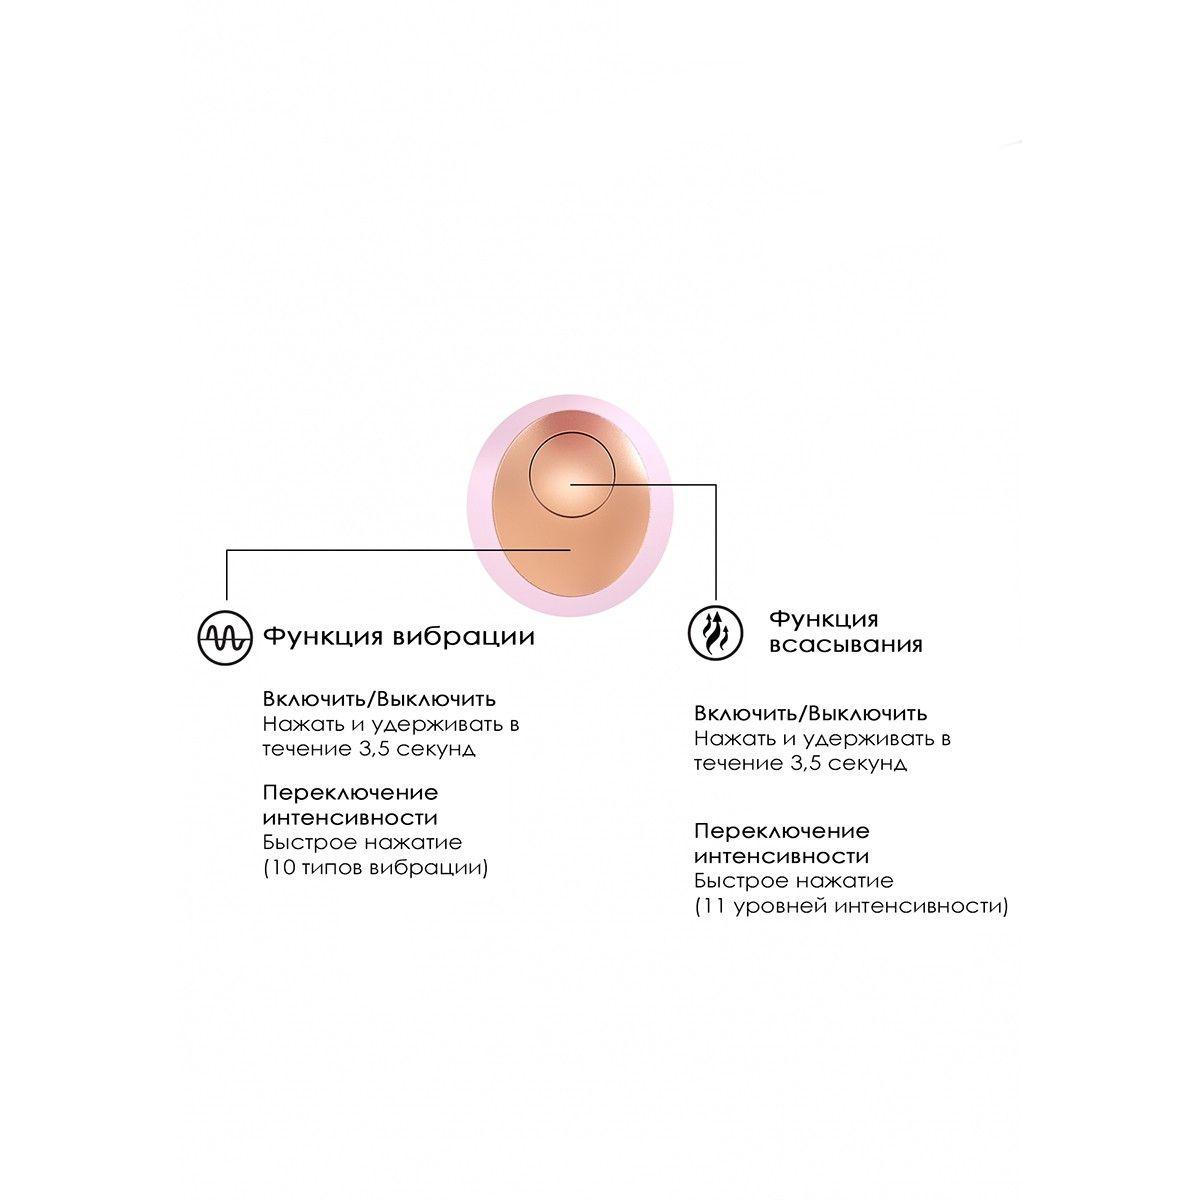 Розовый клиторальный вакуум-волновой массажер Irresistible Invincible - фото 179818